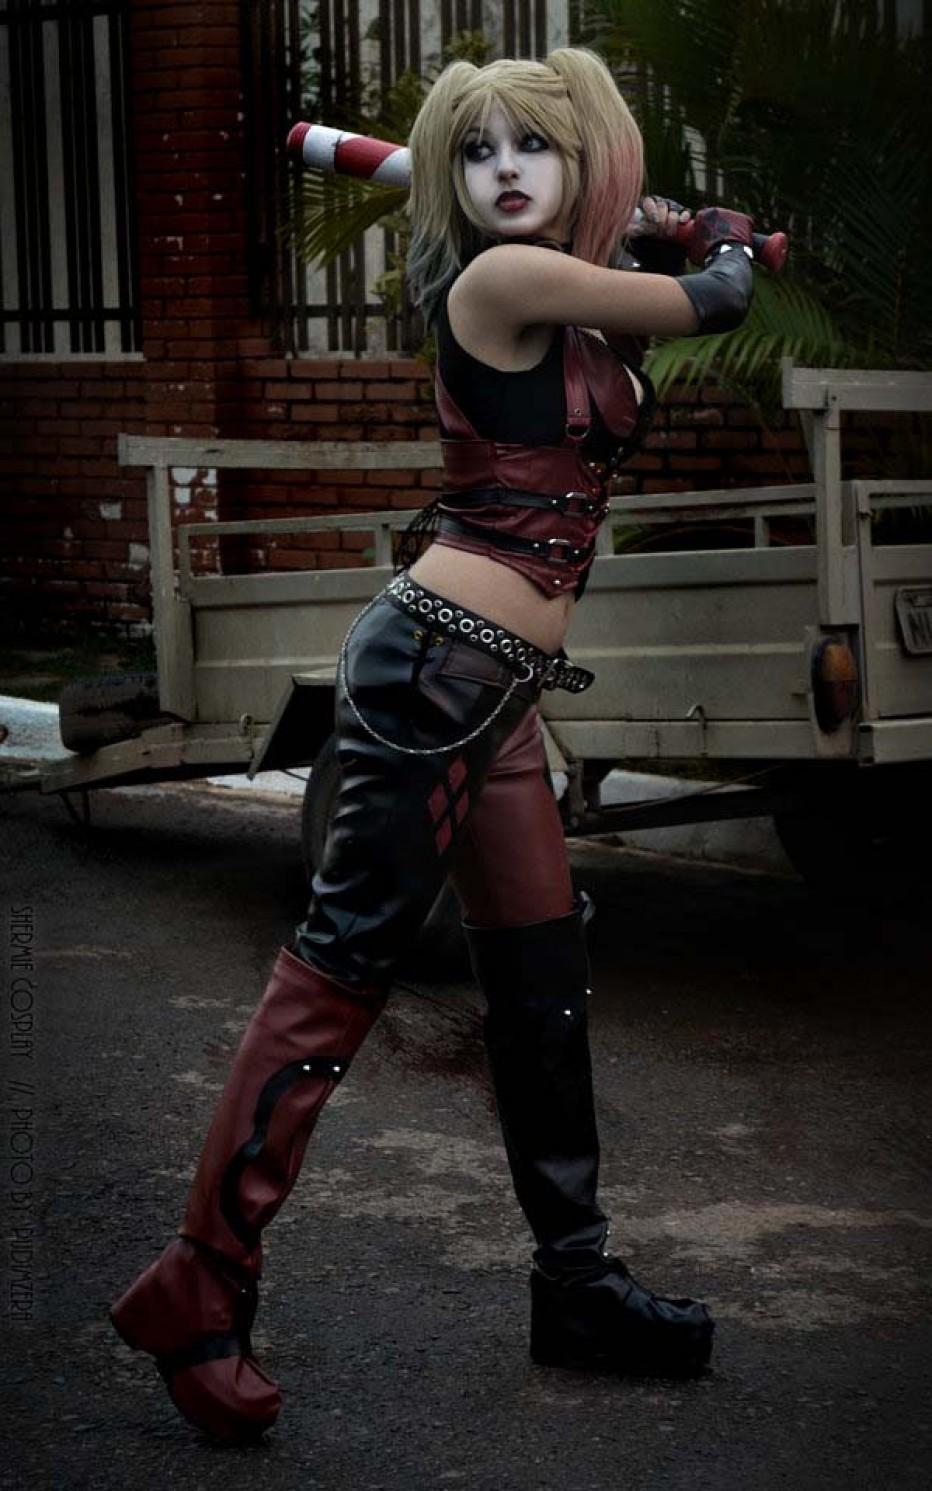 Harley-Quinn-Cosplay-Gamers-Heroes-23.jpg